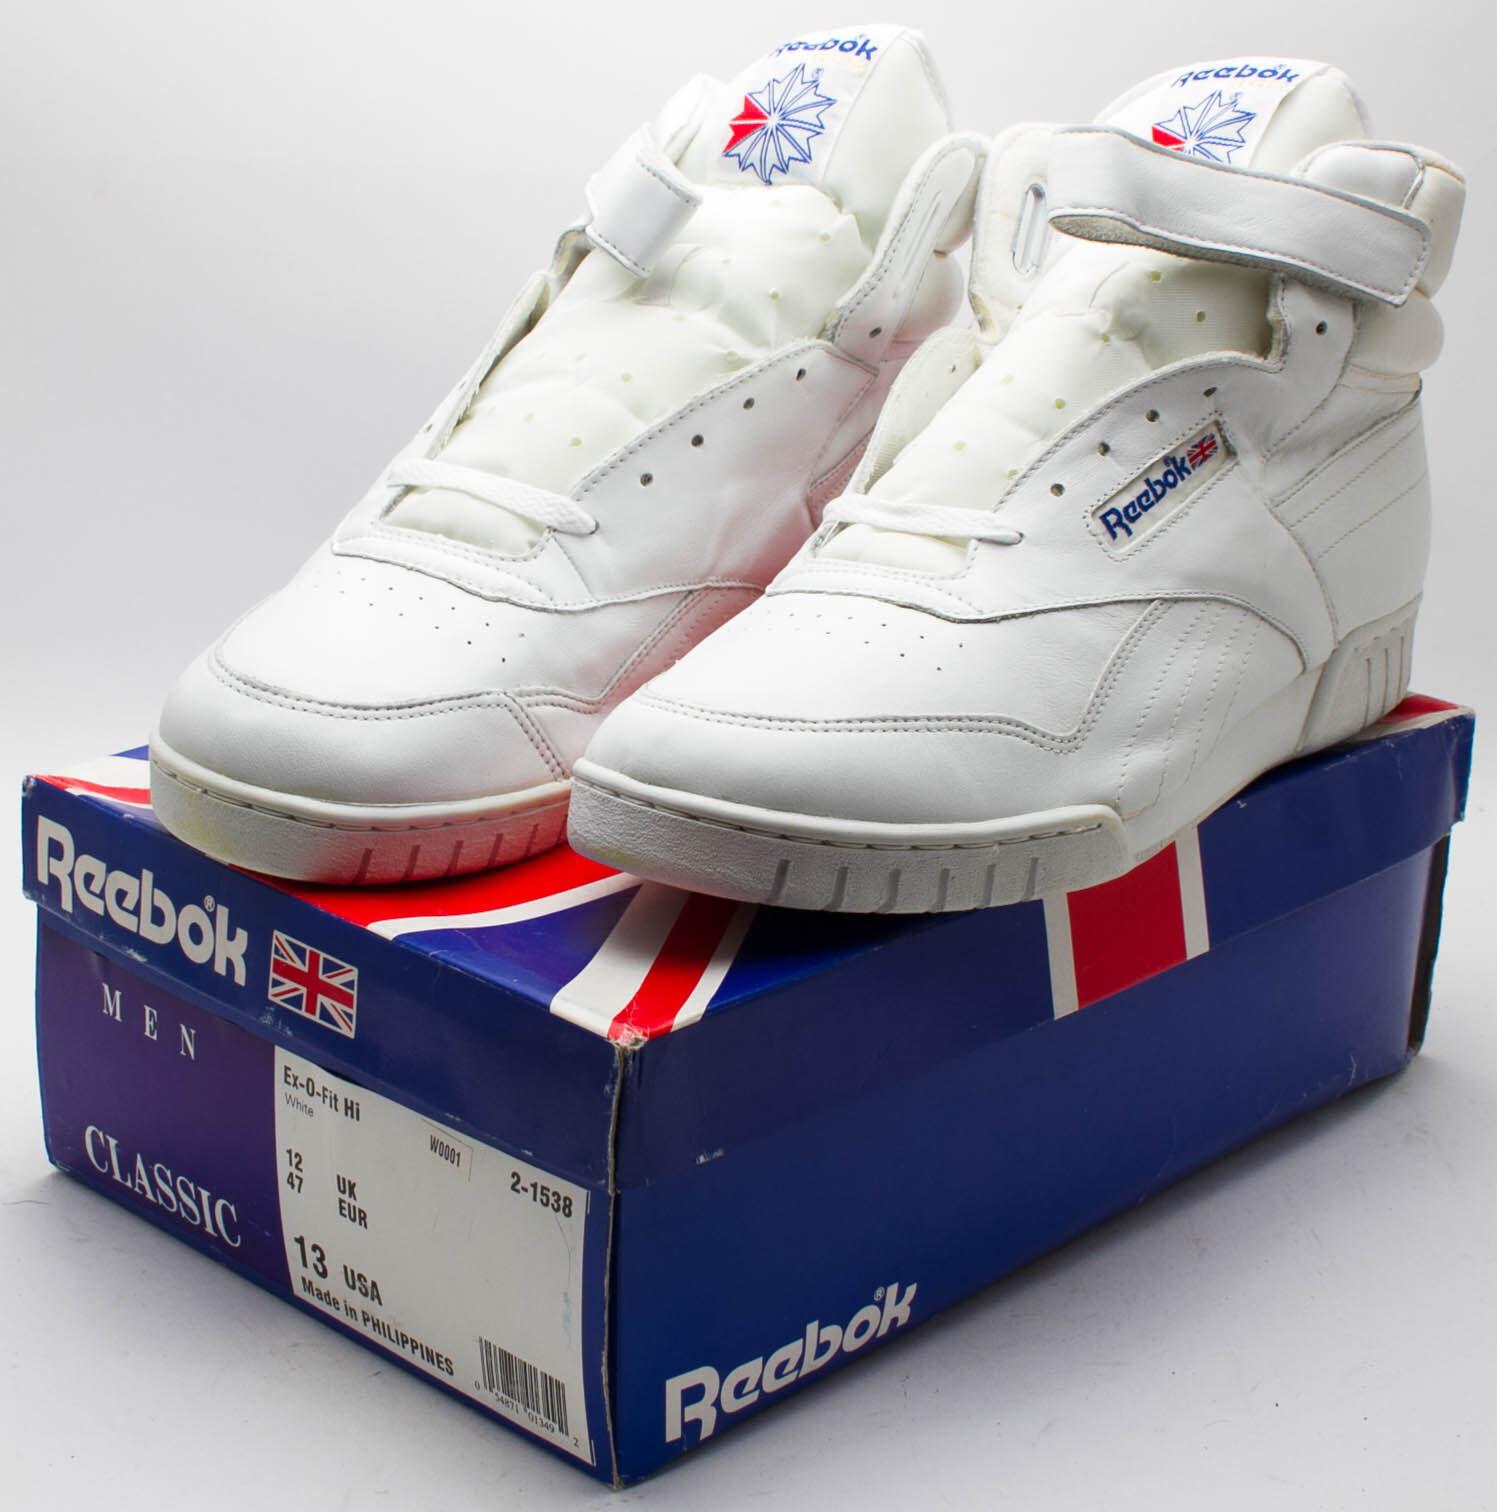 Reebok Herren Vintage 1998 weiß EX-O-FIT hohe Schuhe 2-1538 weiß 1998 Größe 13 de34e8